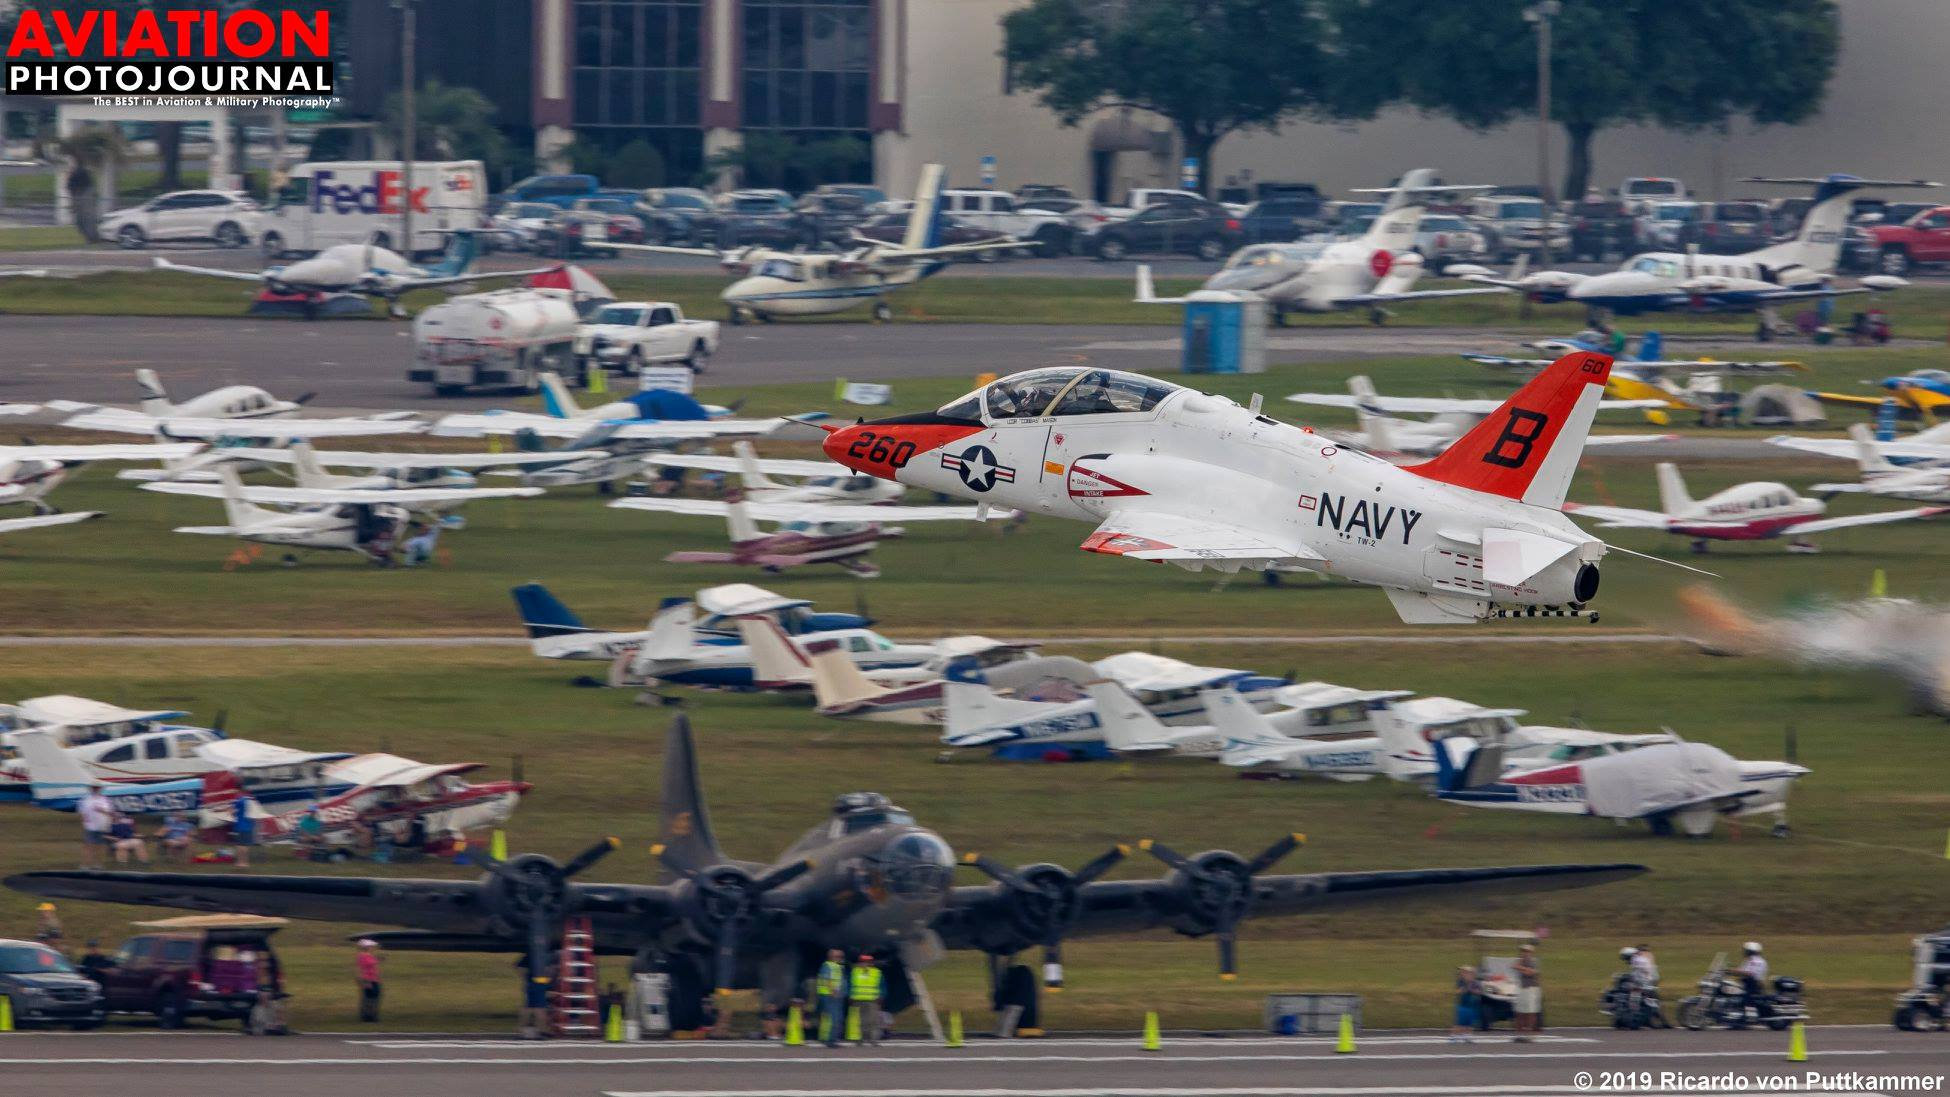 Ha Florida, akkor haditengerészet, a T-45 Goshawk az első gép, amivel a hordozóra leszállnak a fiatal pilóták